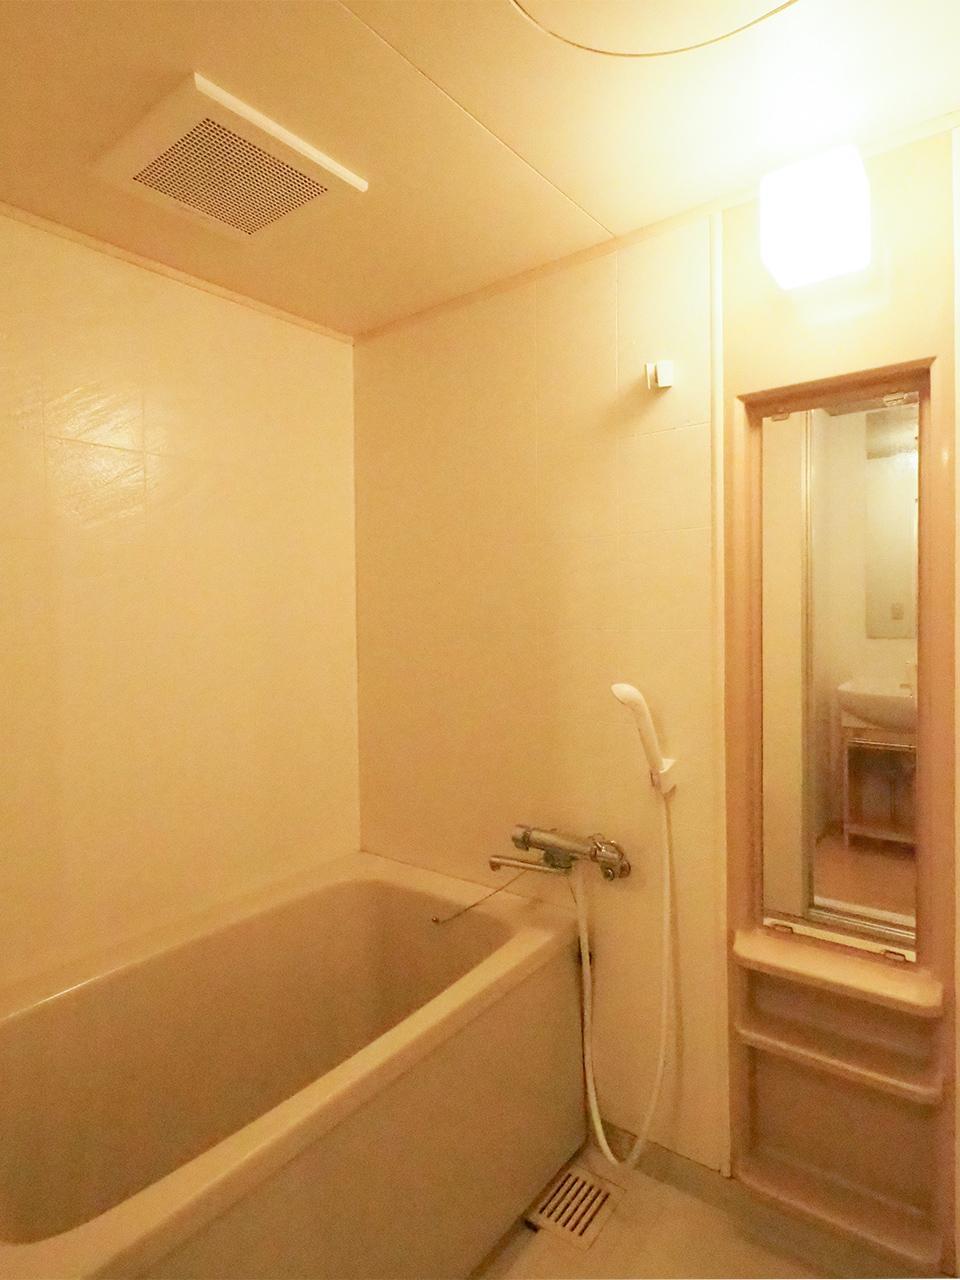 浴室はそのまま、清潔感は十分です